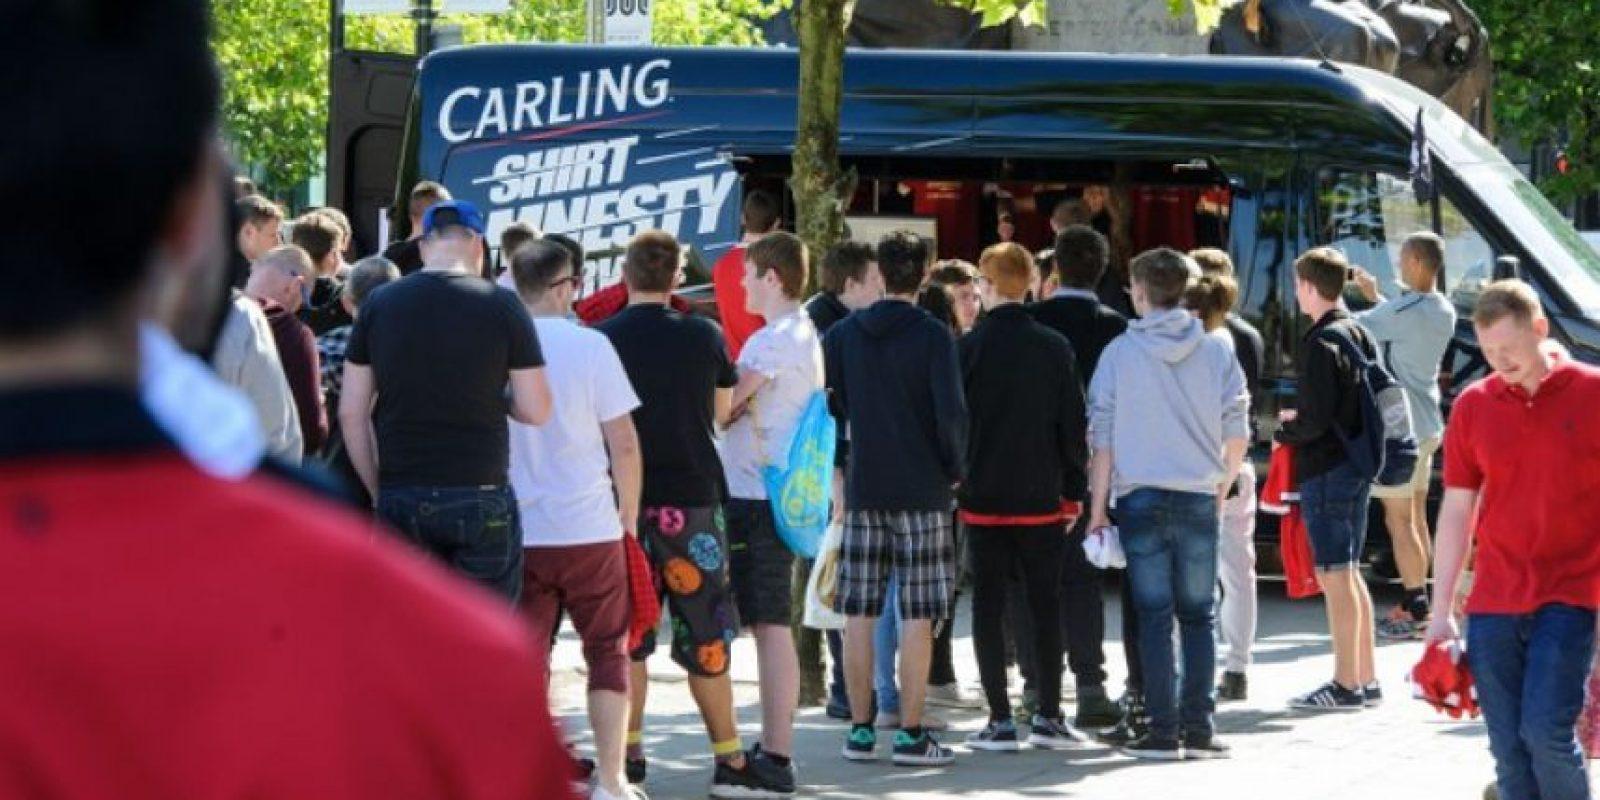 Foto:Página oficial Carling